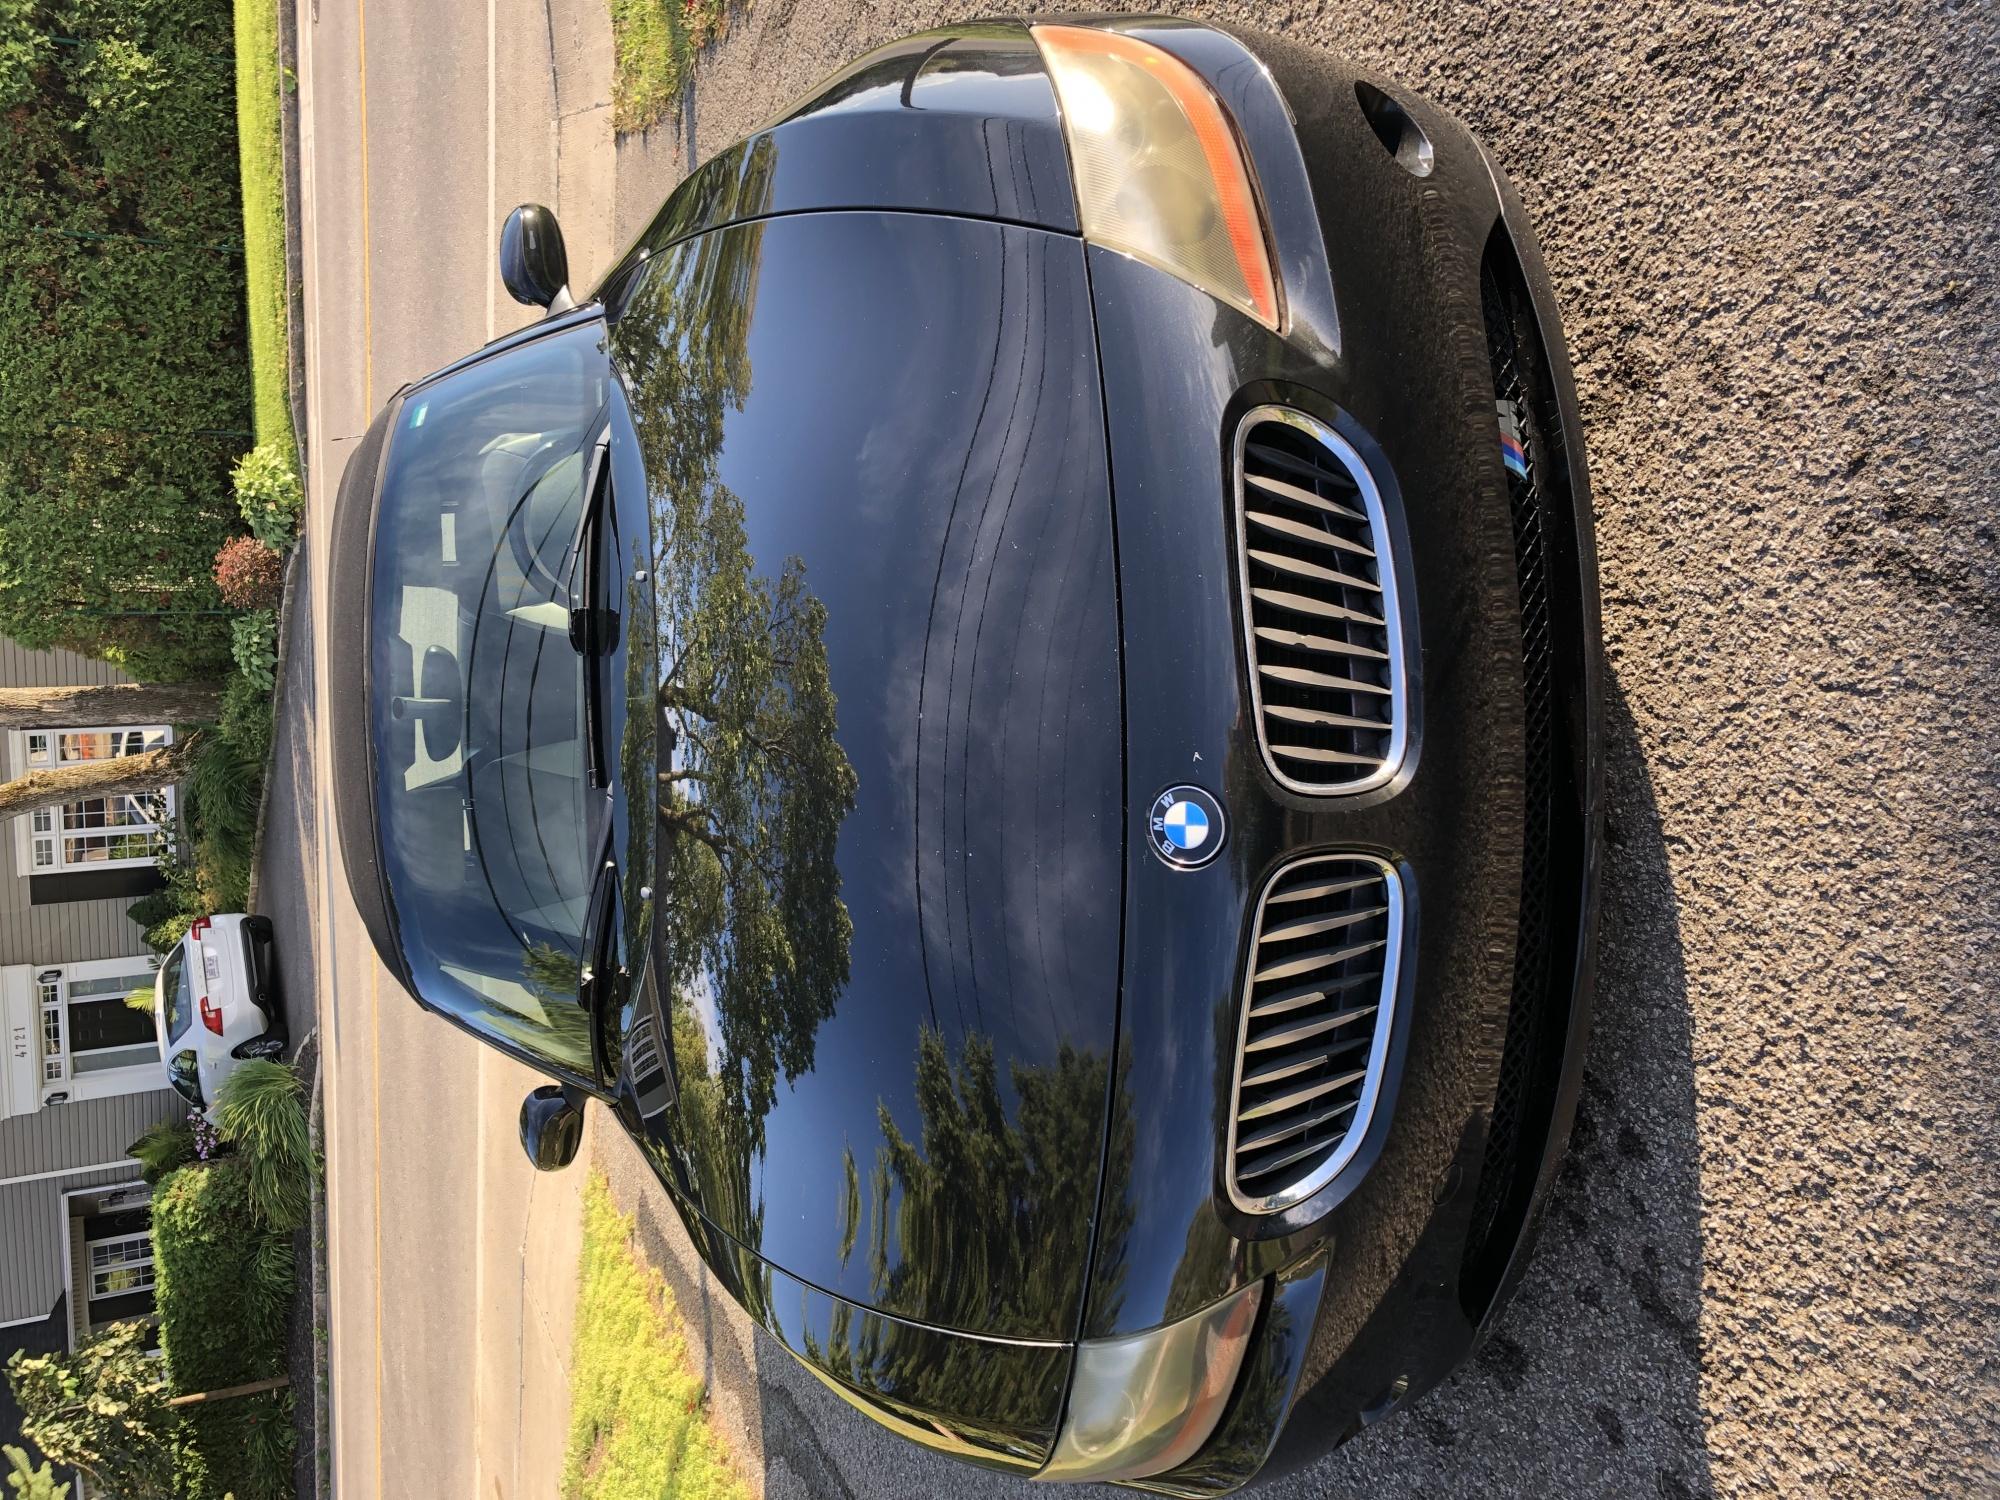 BMW Z4 - Photo 19-09-09 17 41 23 (1)